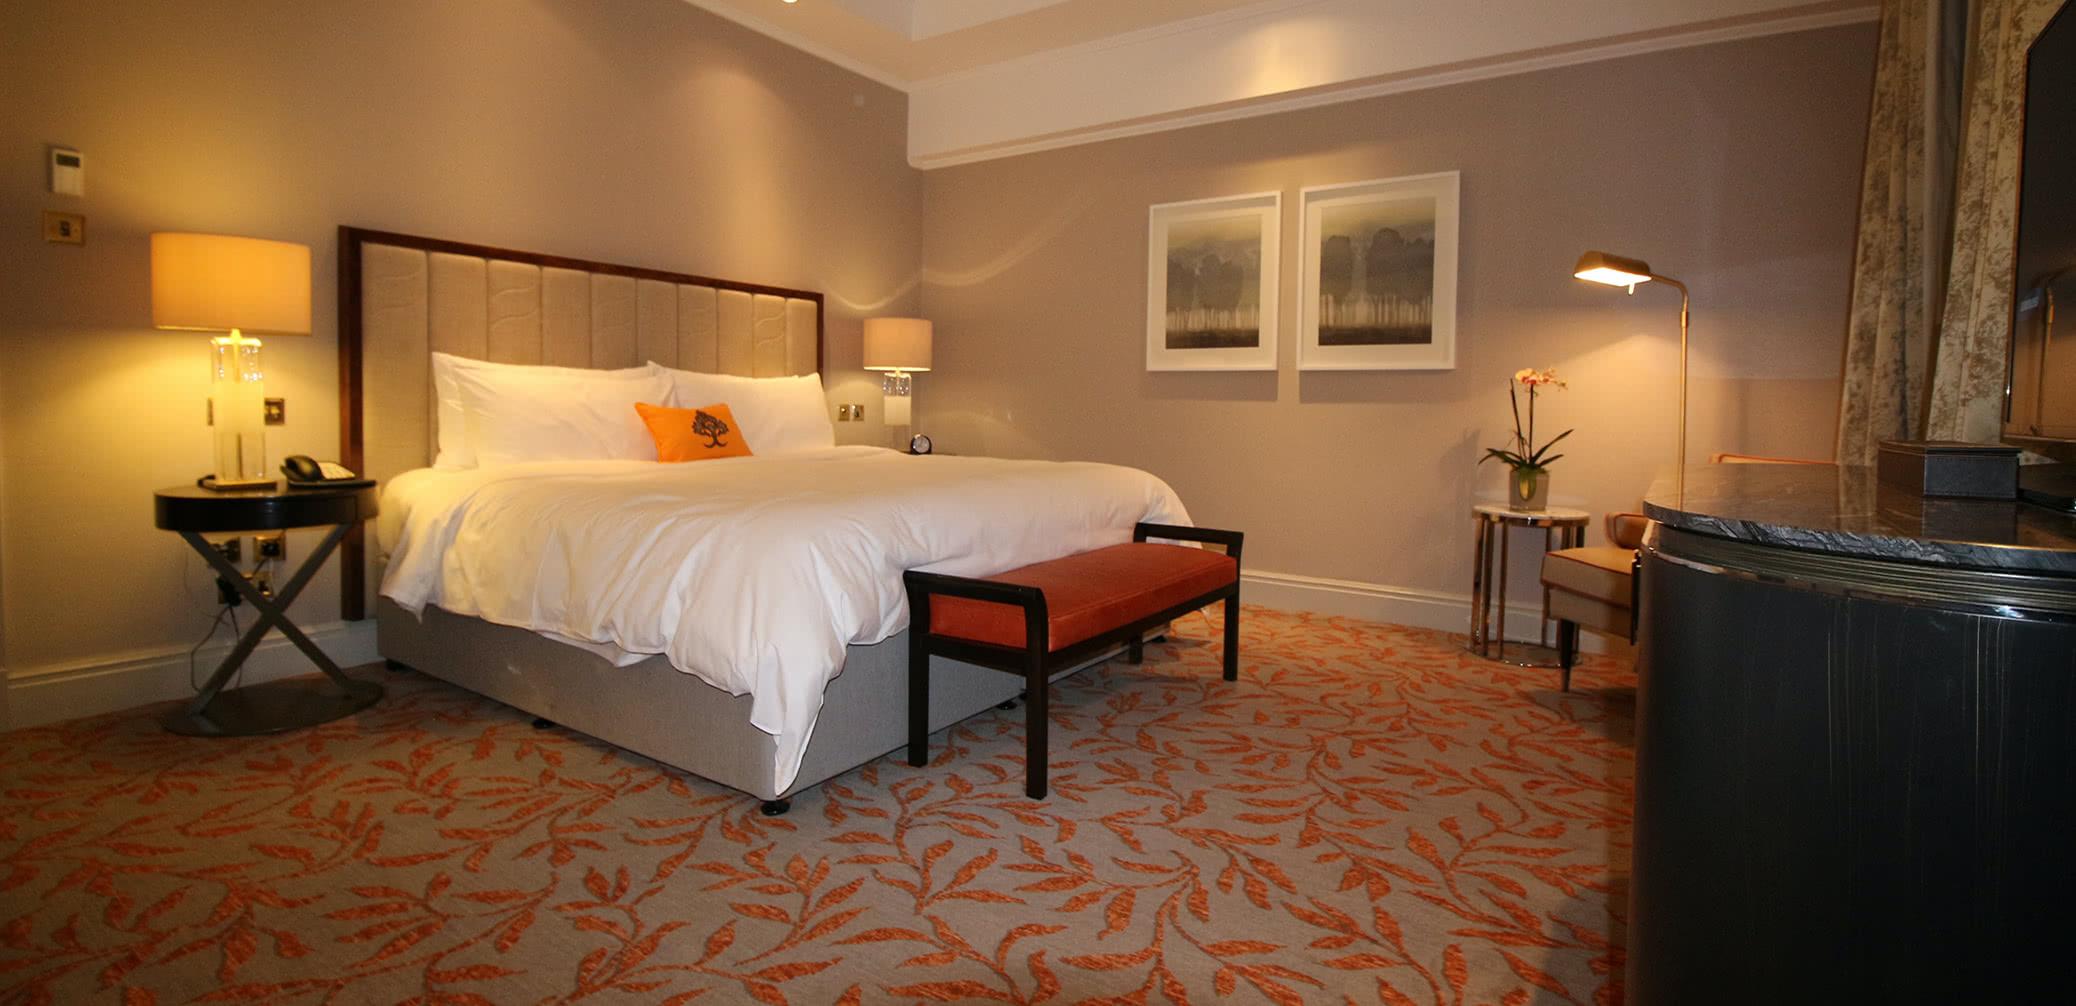 Top 10 Best Marriott Hotels In New York